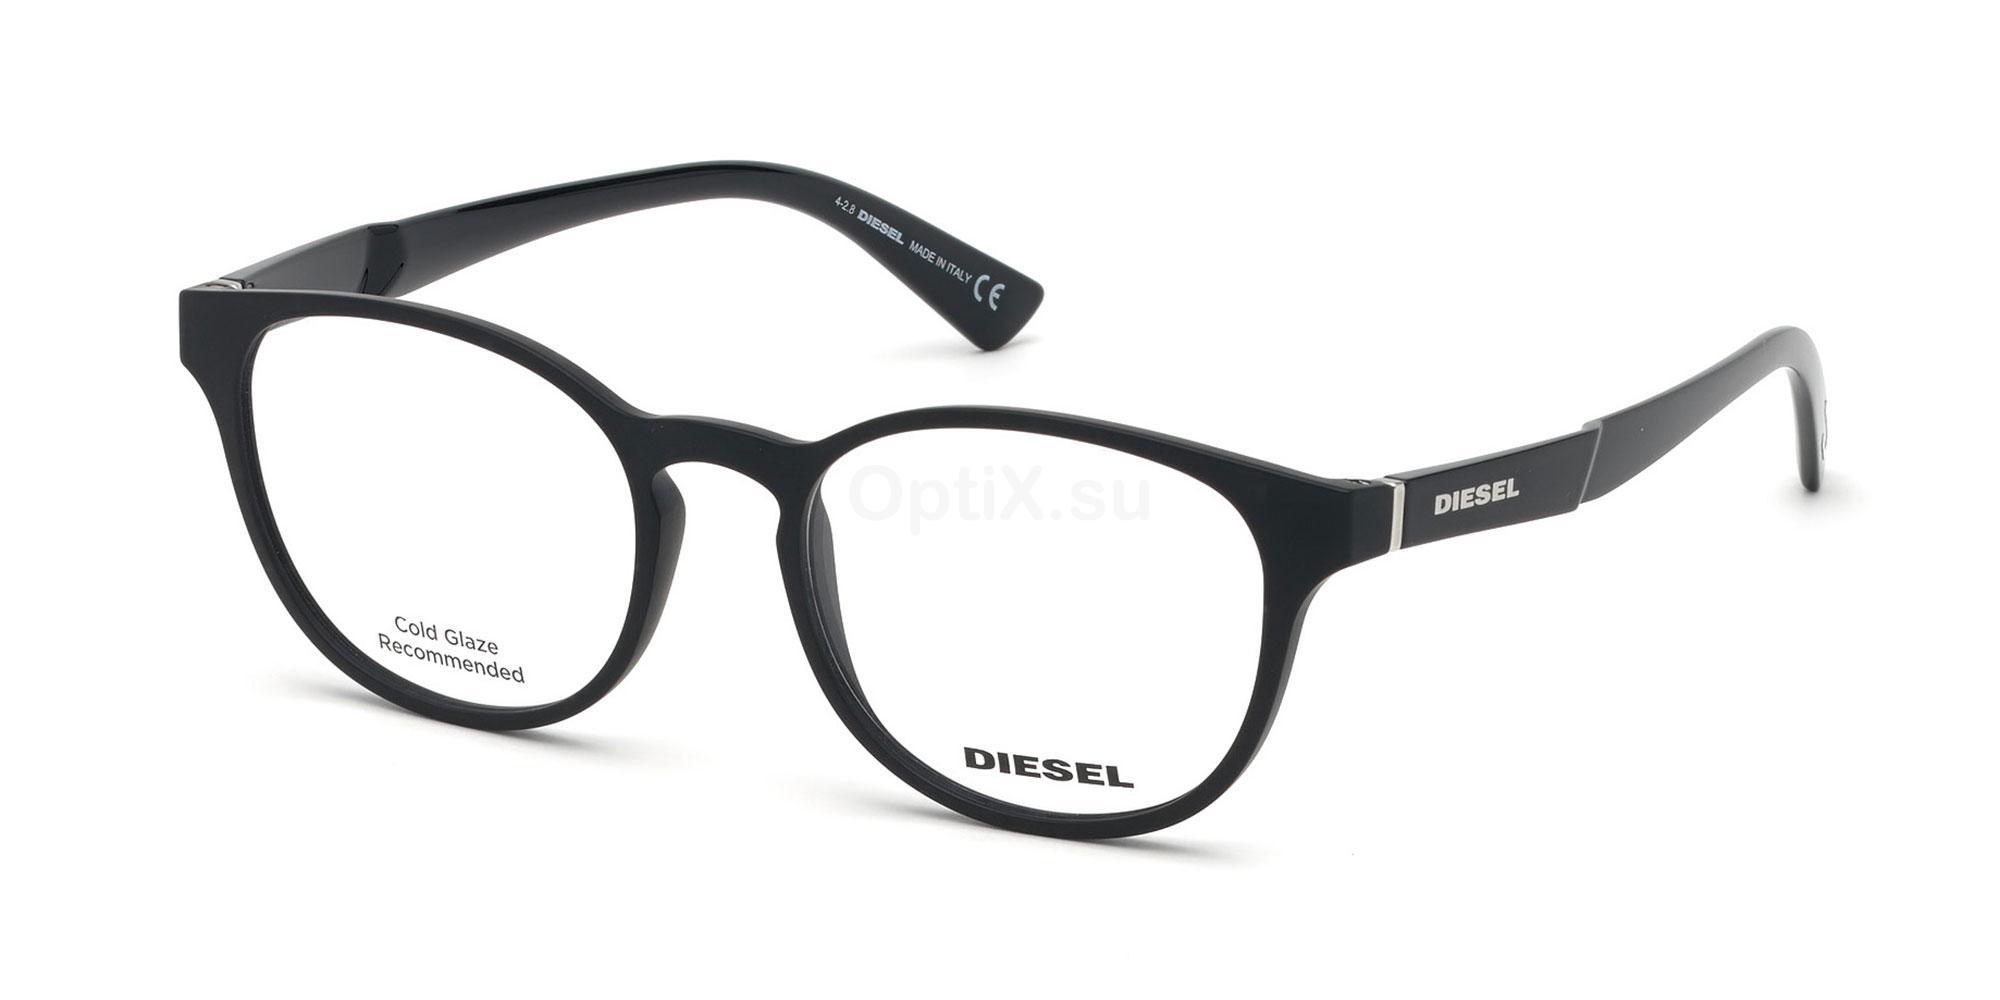 002 DL5336 Glasses, Diesel